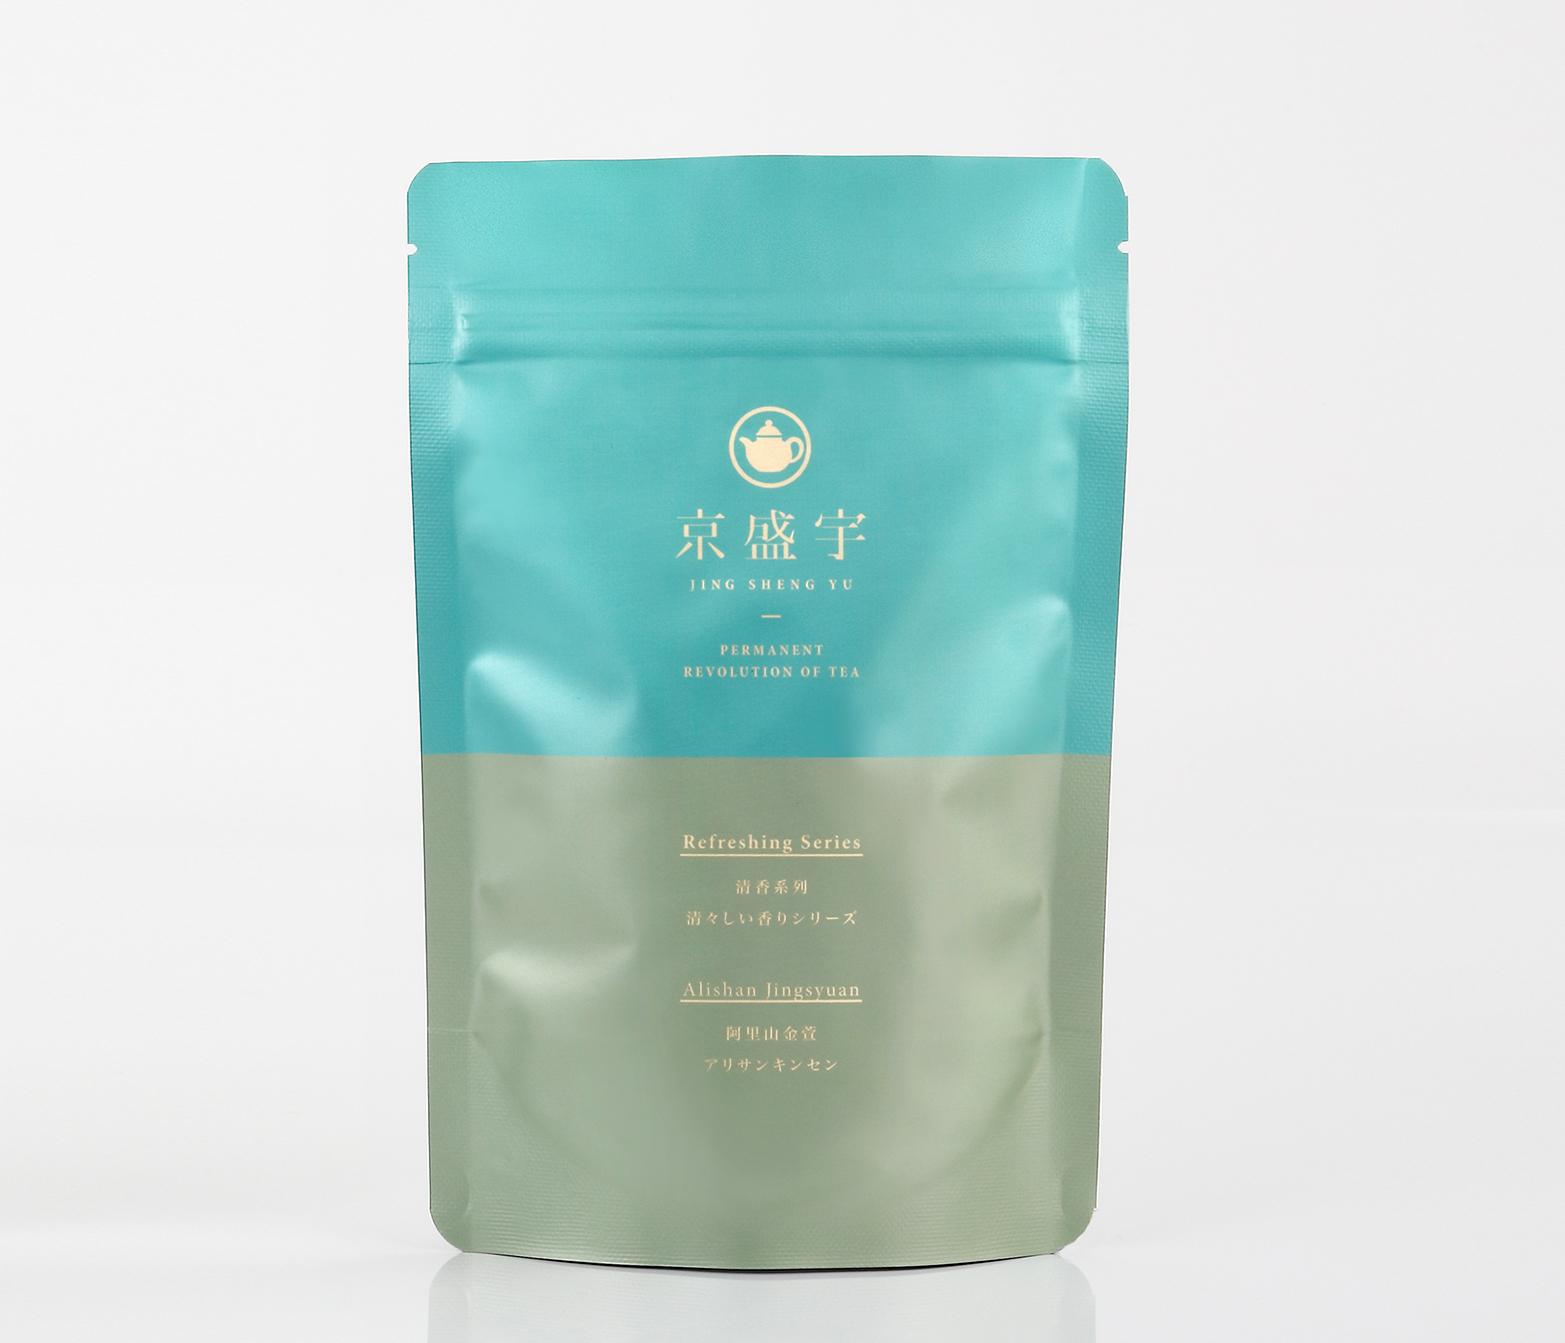 阿里山金萱15入光之茶原葉袋茶茶包 金萱樹種特有的奶糖香,觸動味蕾的驚喜口感。